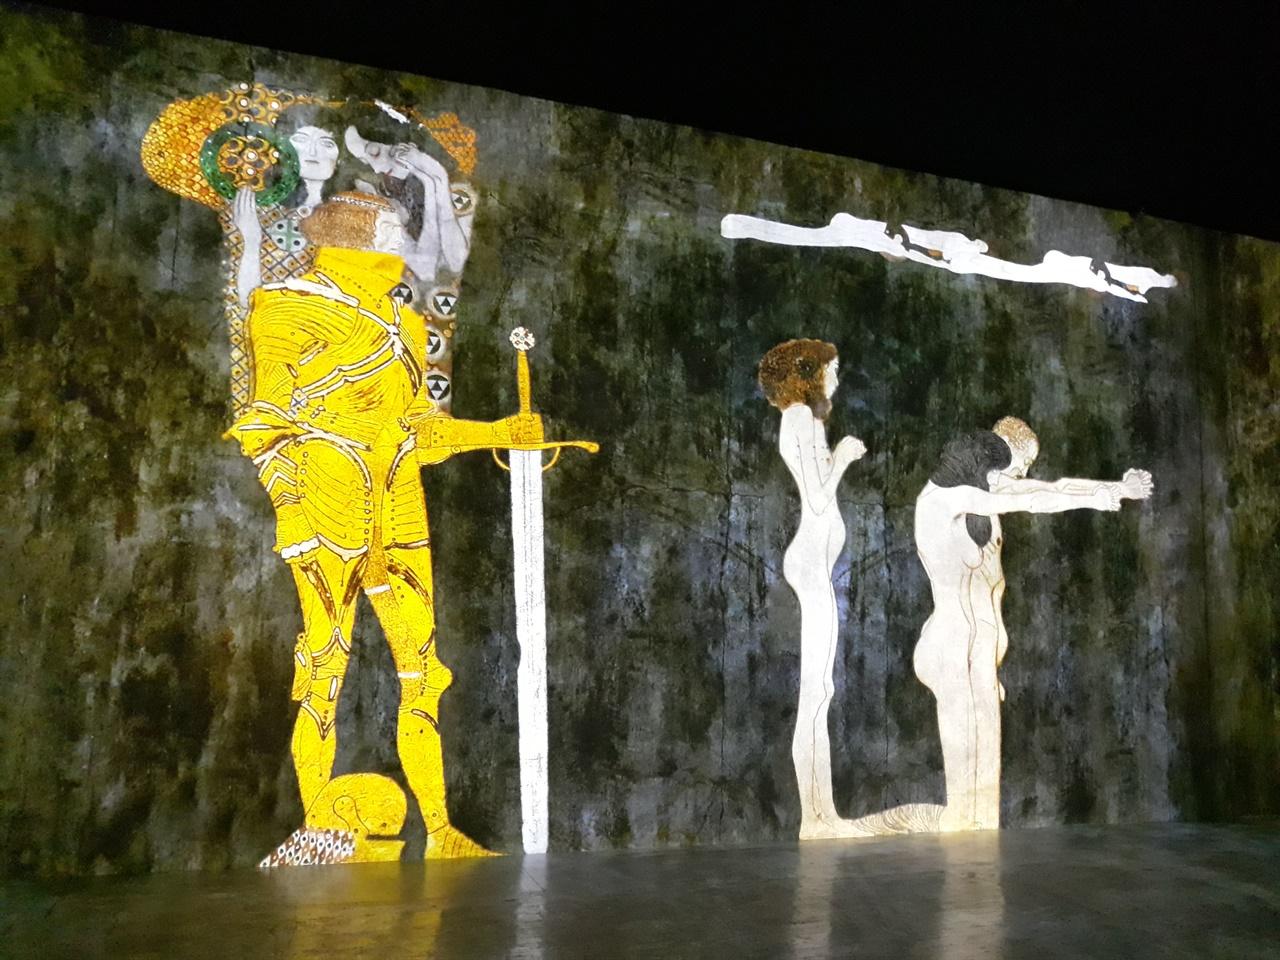 빛의 벙커 구스타프 클림트 전 국내 최초로 몰입형 미디어 아트 전시를 선보인 클림트 전의 한 장면.